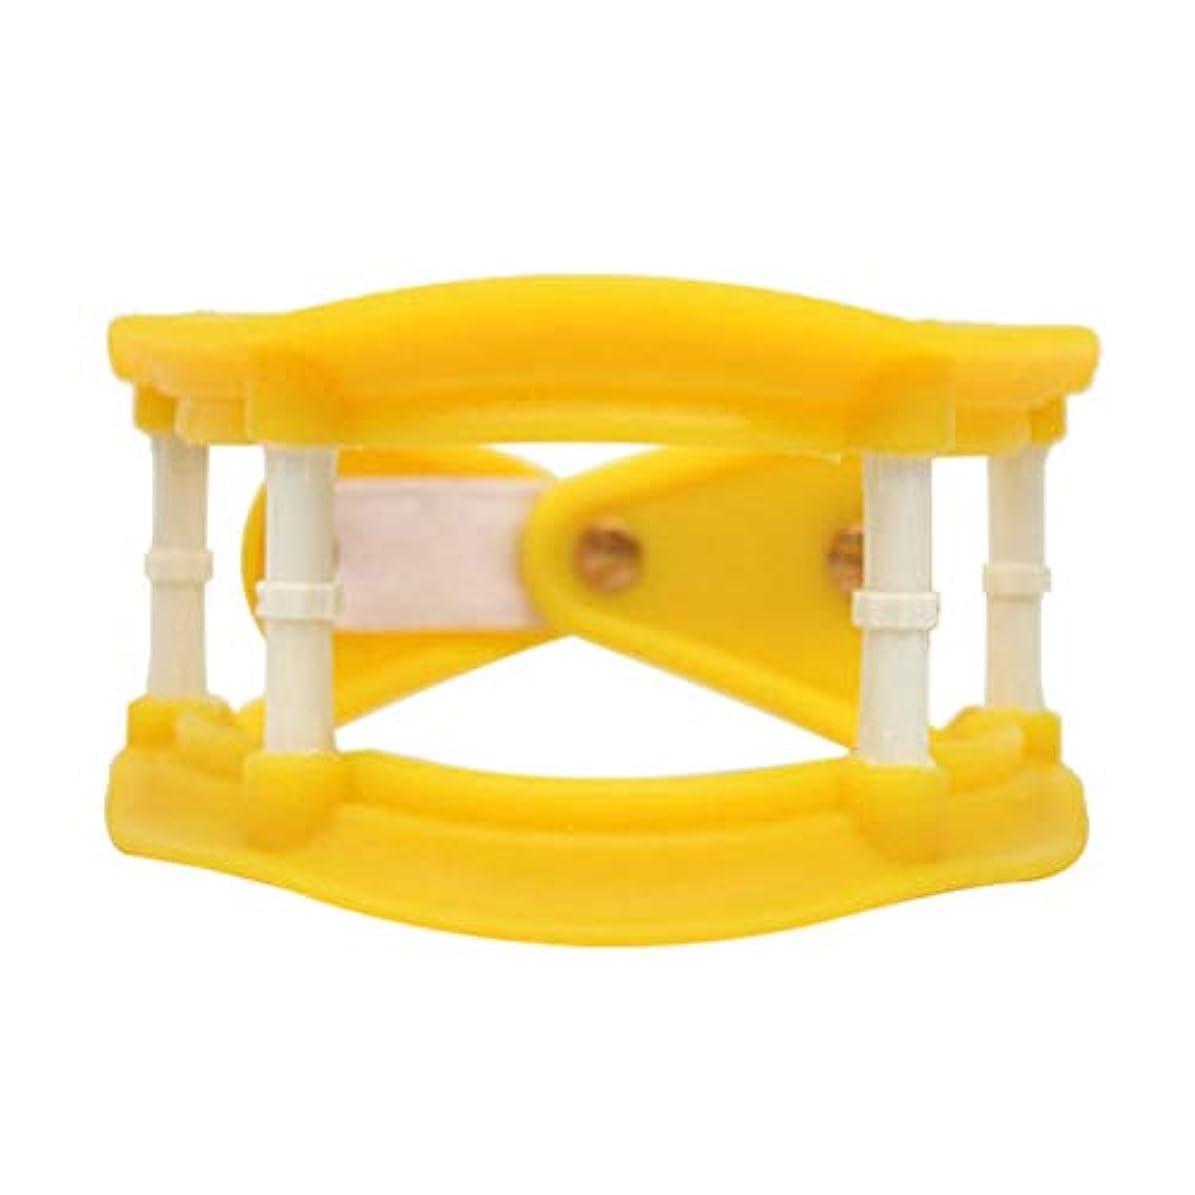 操作可能祭司解釈Healifty 首の牽引通気性の首サポートブレース調整可能な首のつばの首の痛みを軽減します傷害回復(黄色)